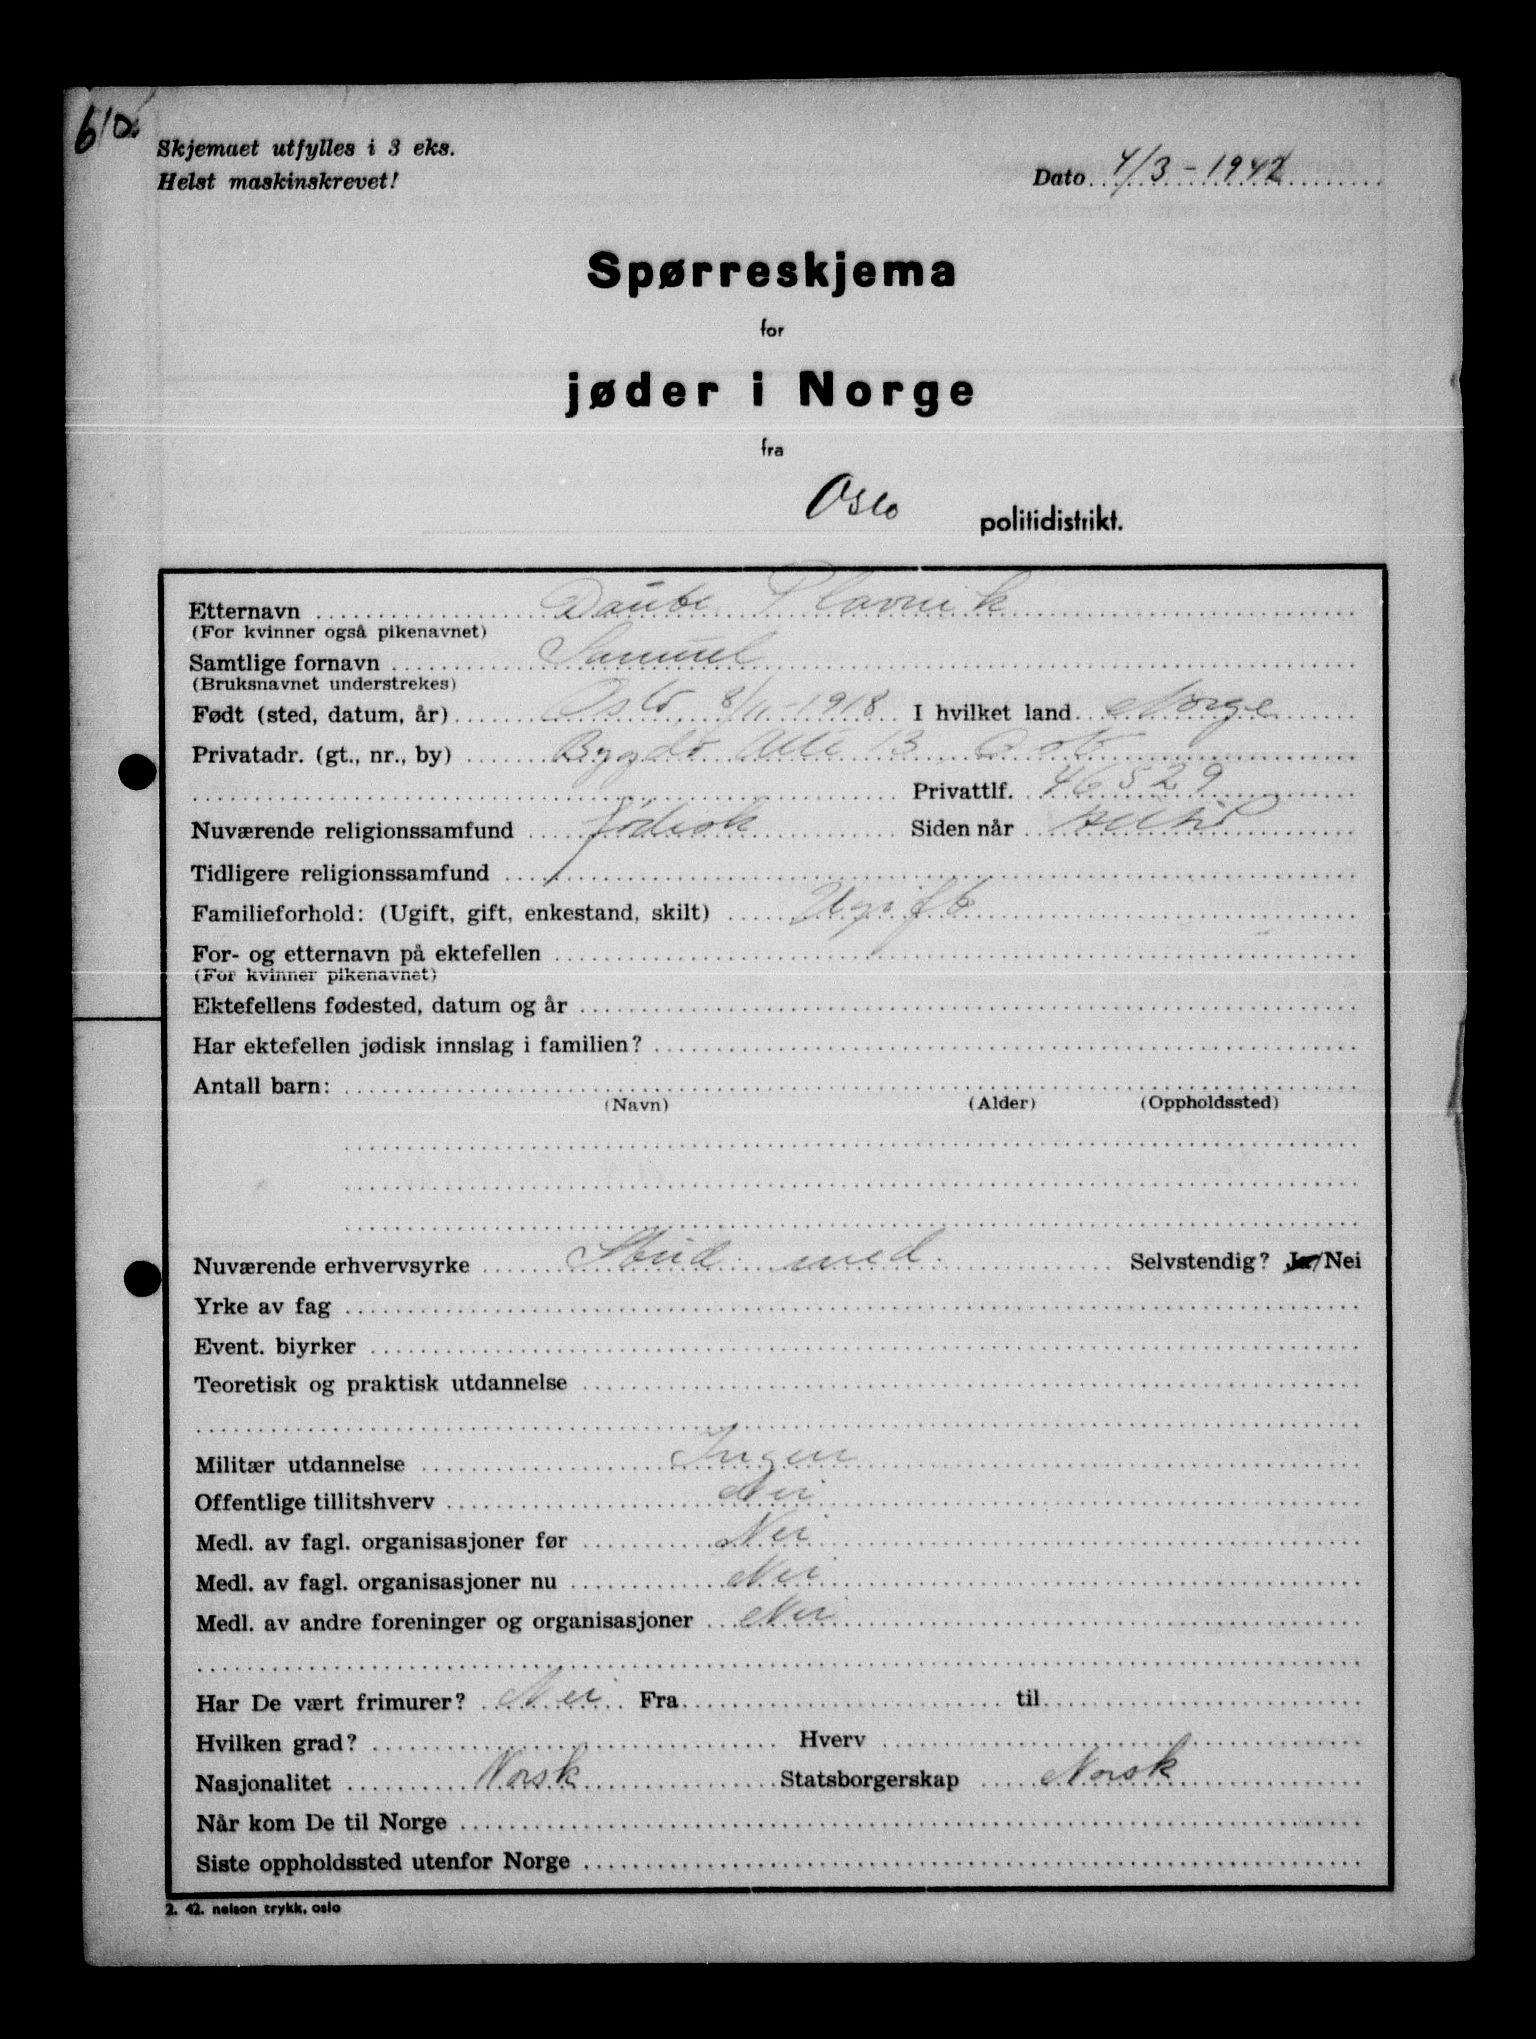 RA, Statspolitiet - Hovedkontoret / Osloavdelingen, G/Ga/L0011, 1942, s. 1